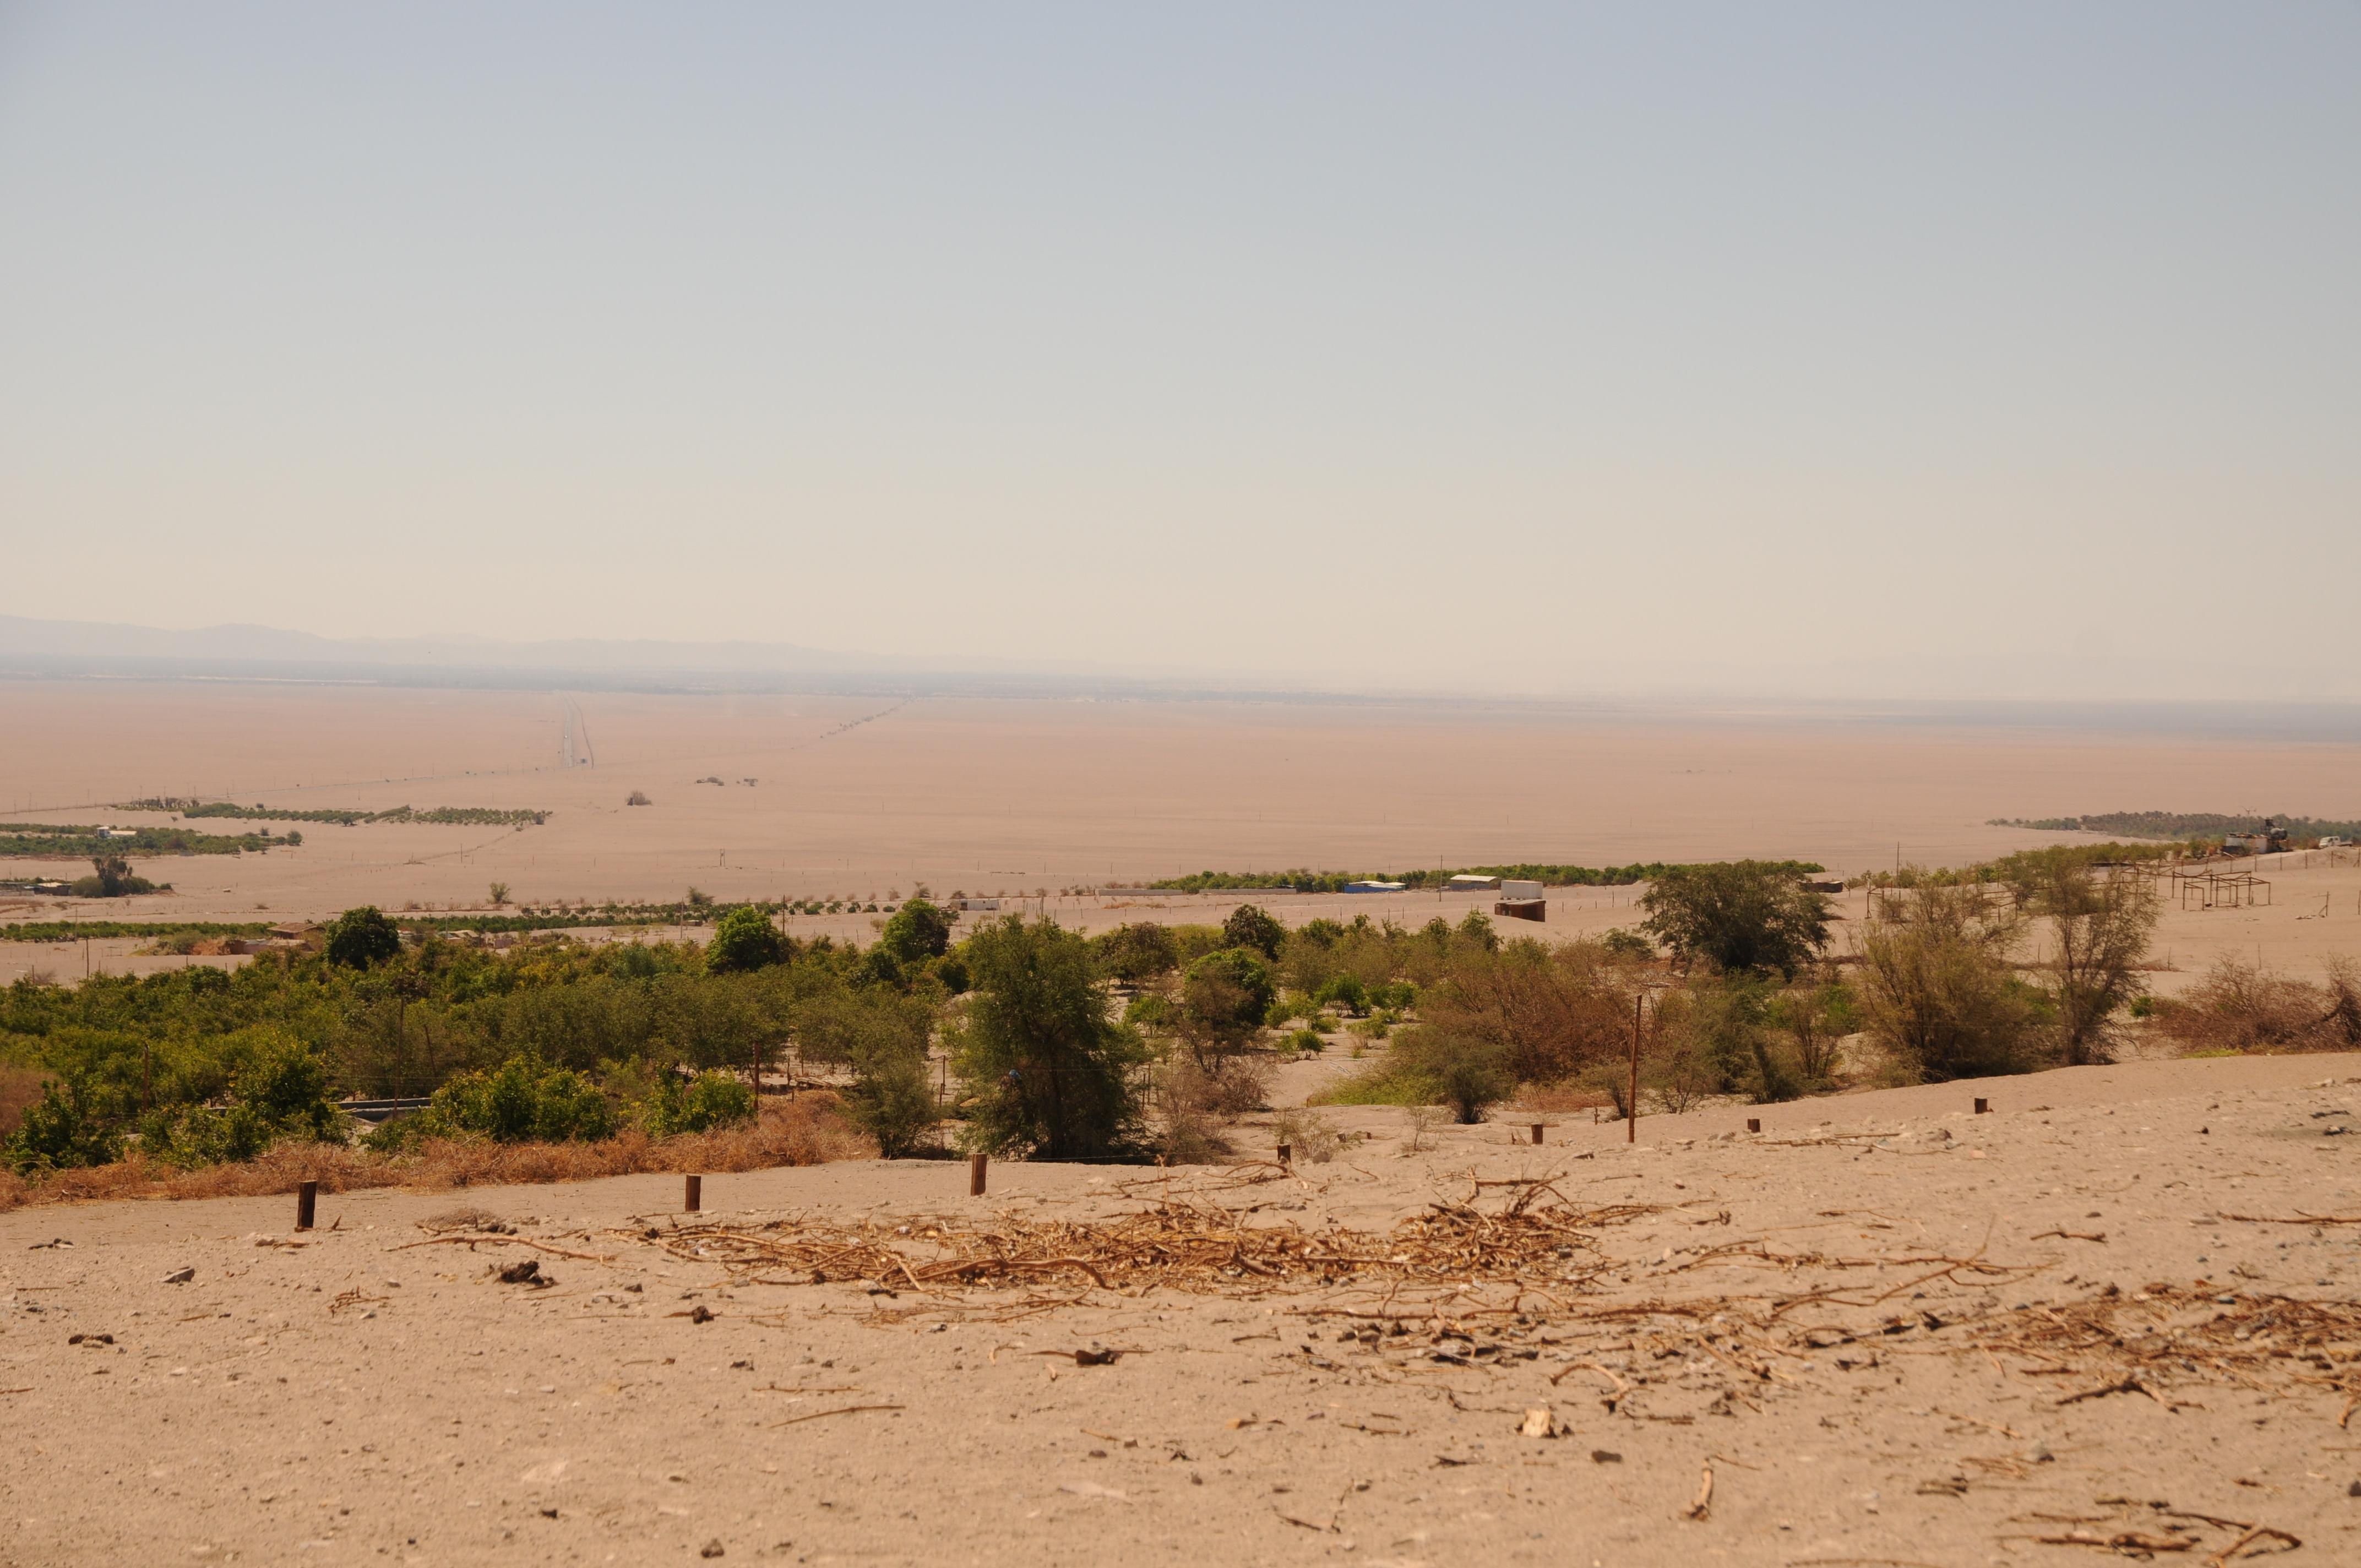 Diario di viaggio 2: Pica, l'oasi nel deserto (Cile)